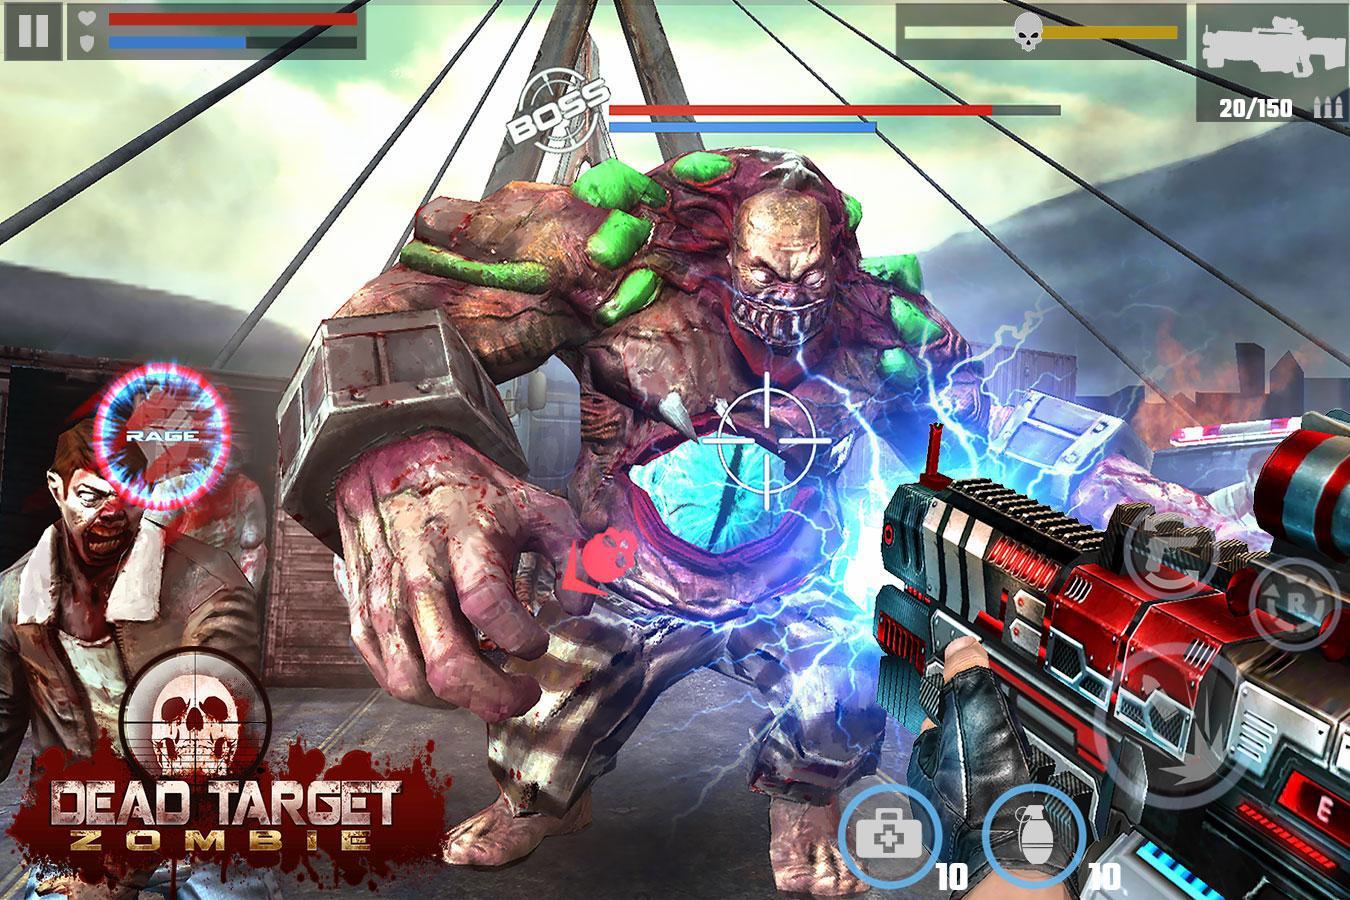 死目标:殭尸 游戏截图2